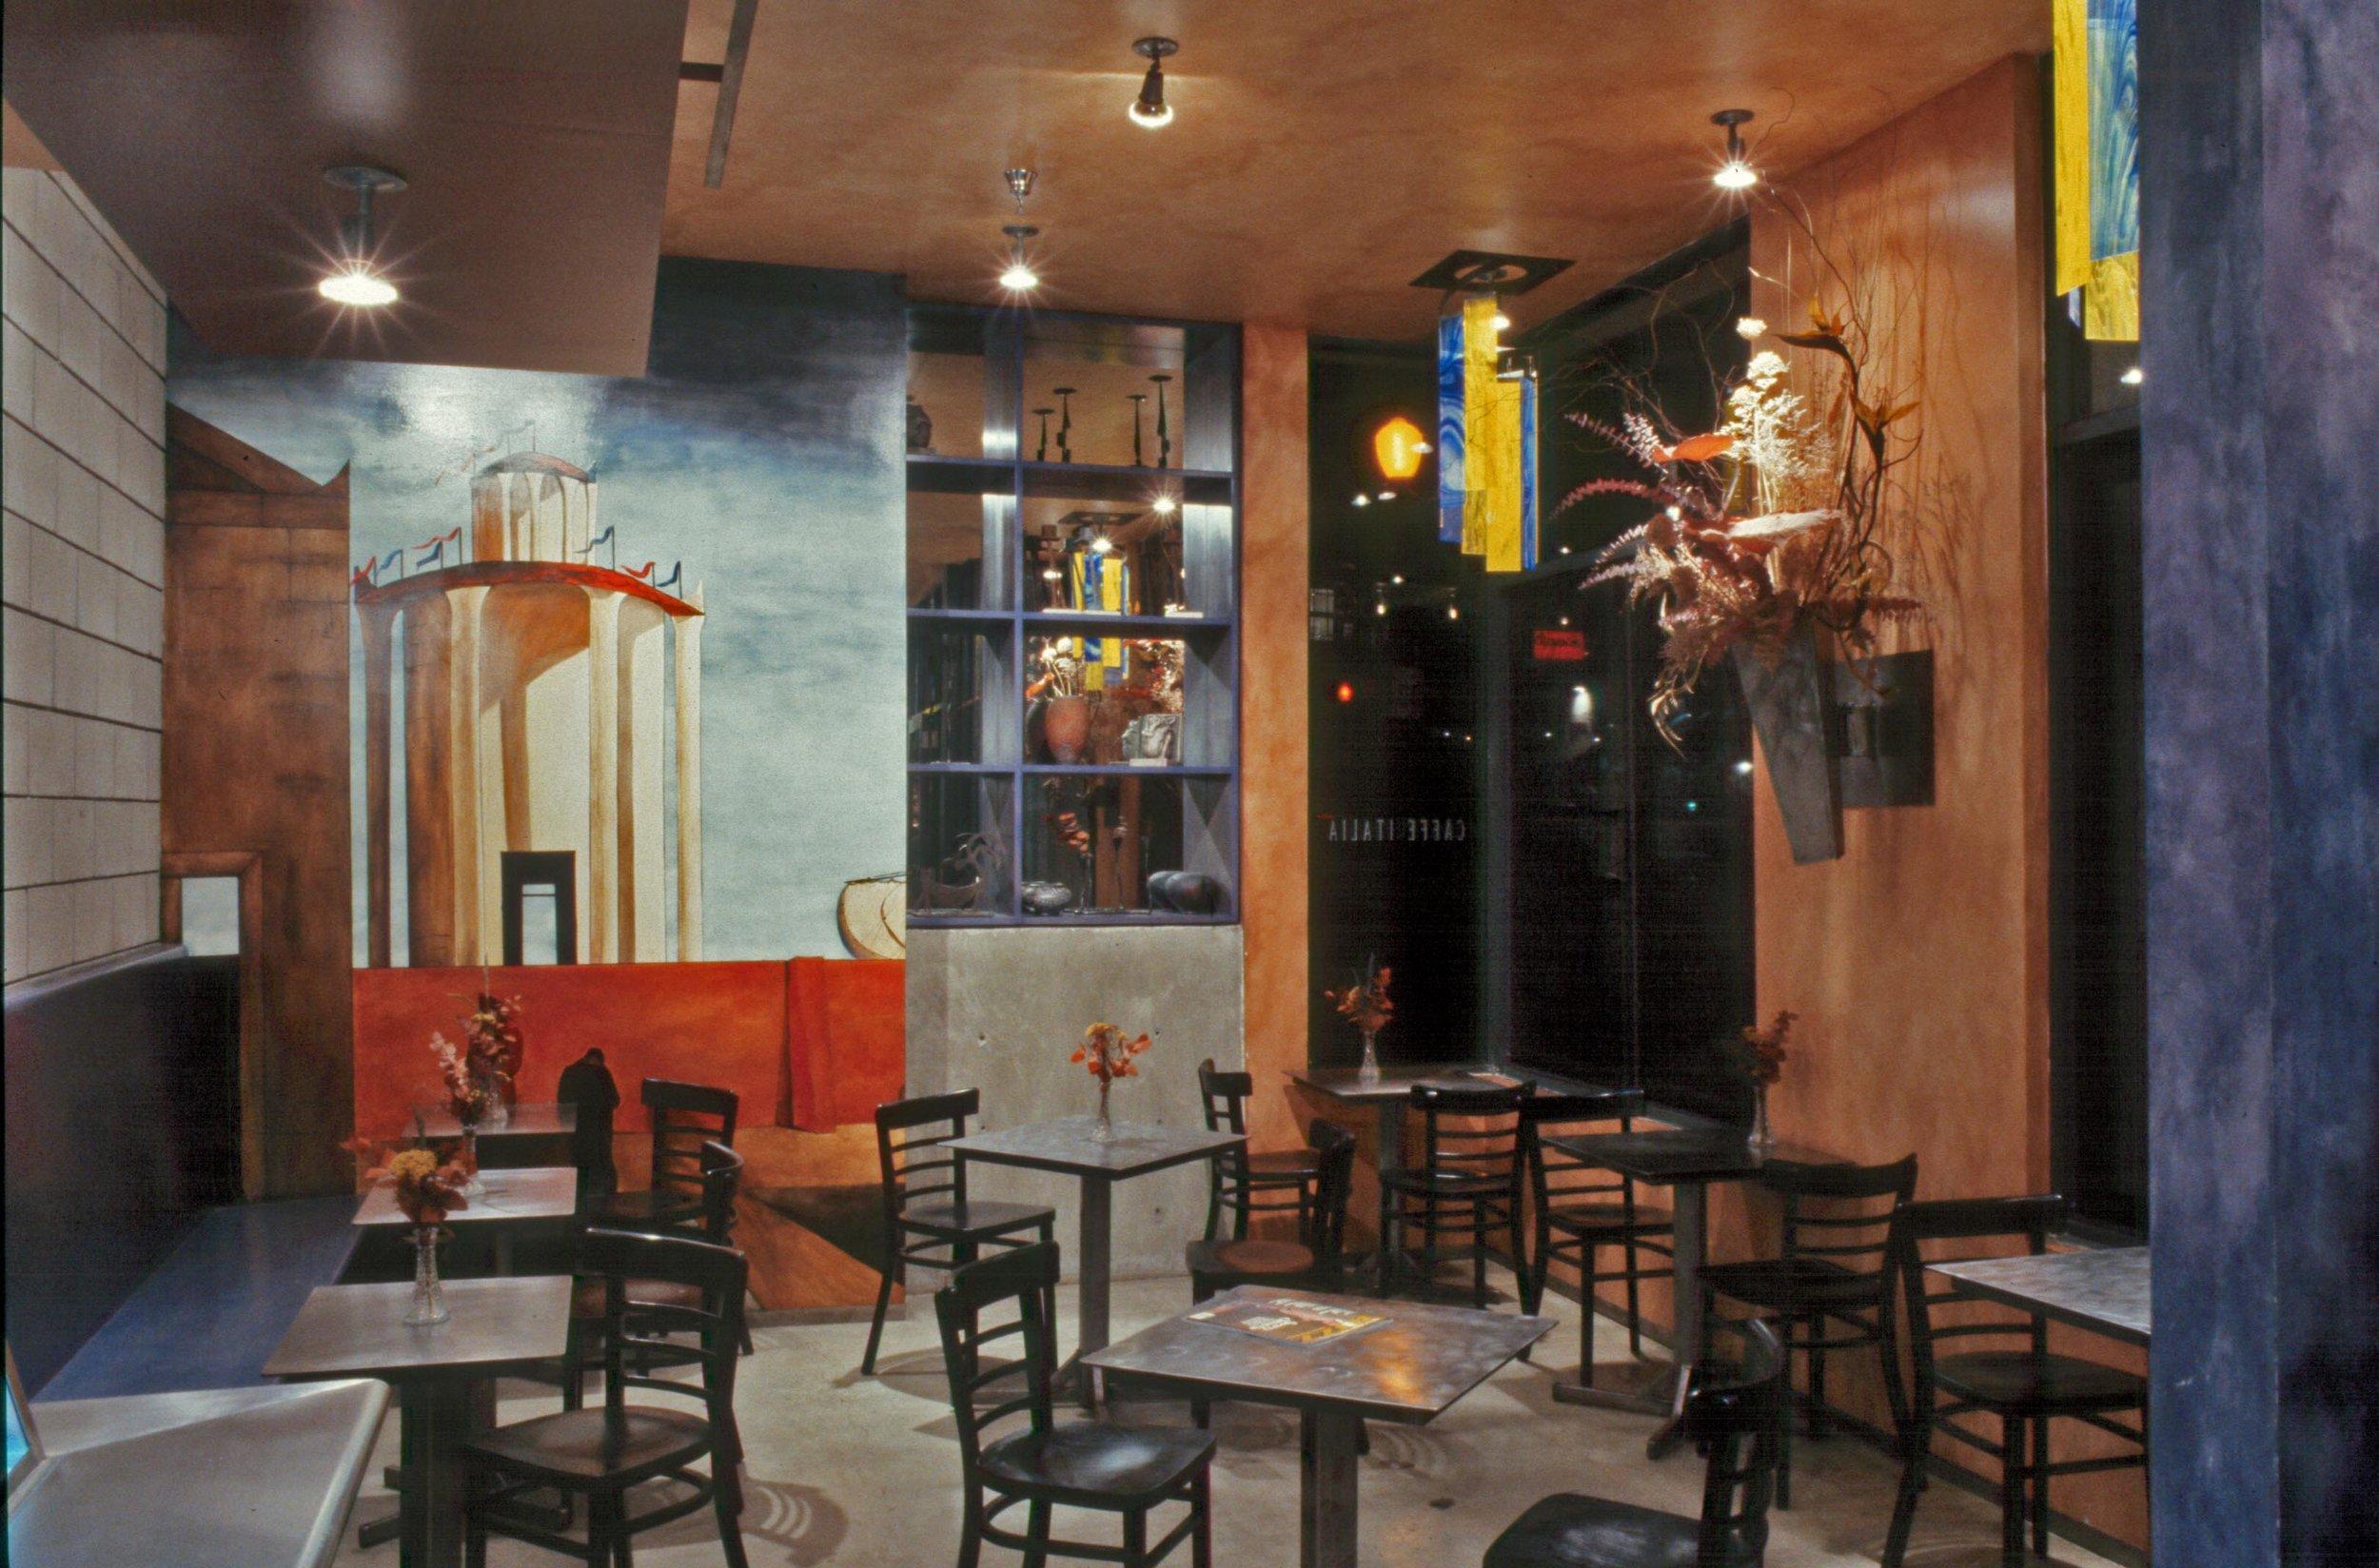 San Diego Little Italy Caffe Italia